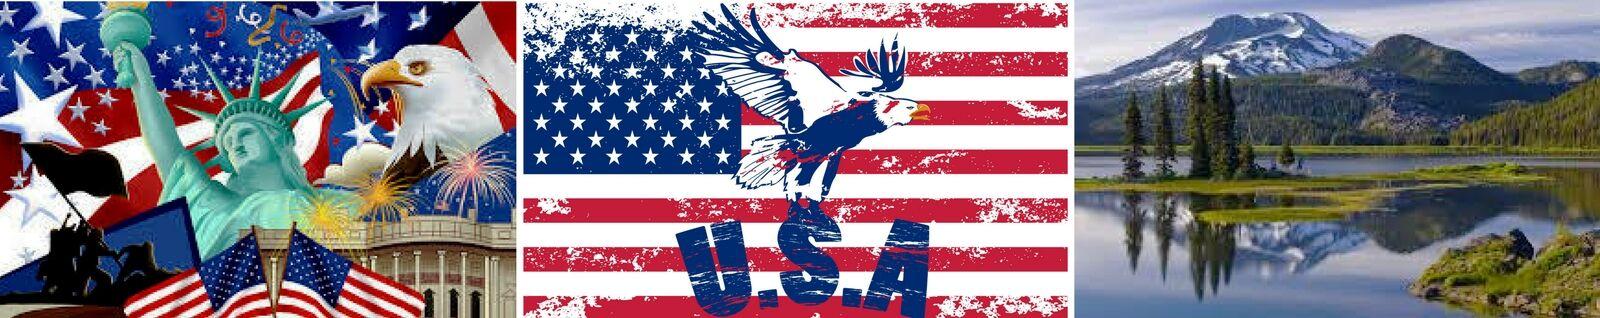 Bestdeals-USA-Store